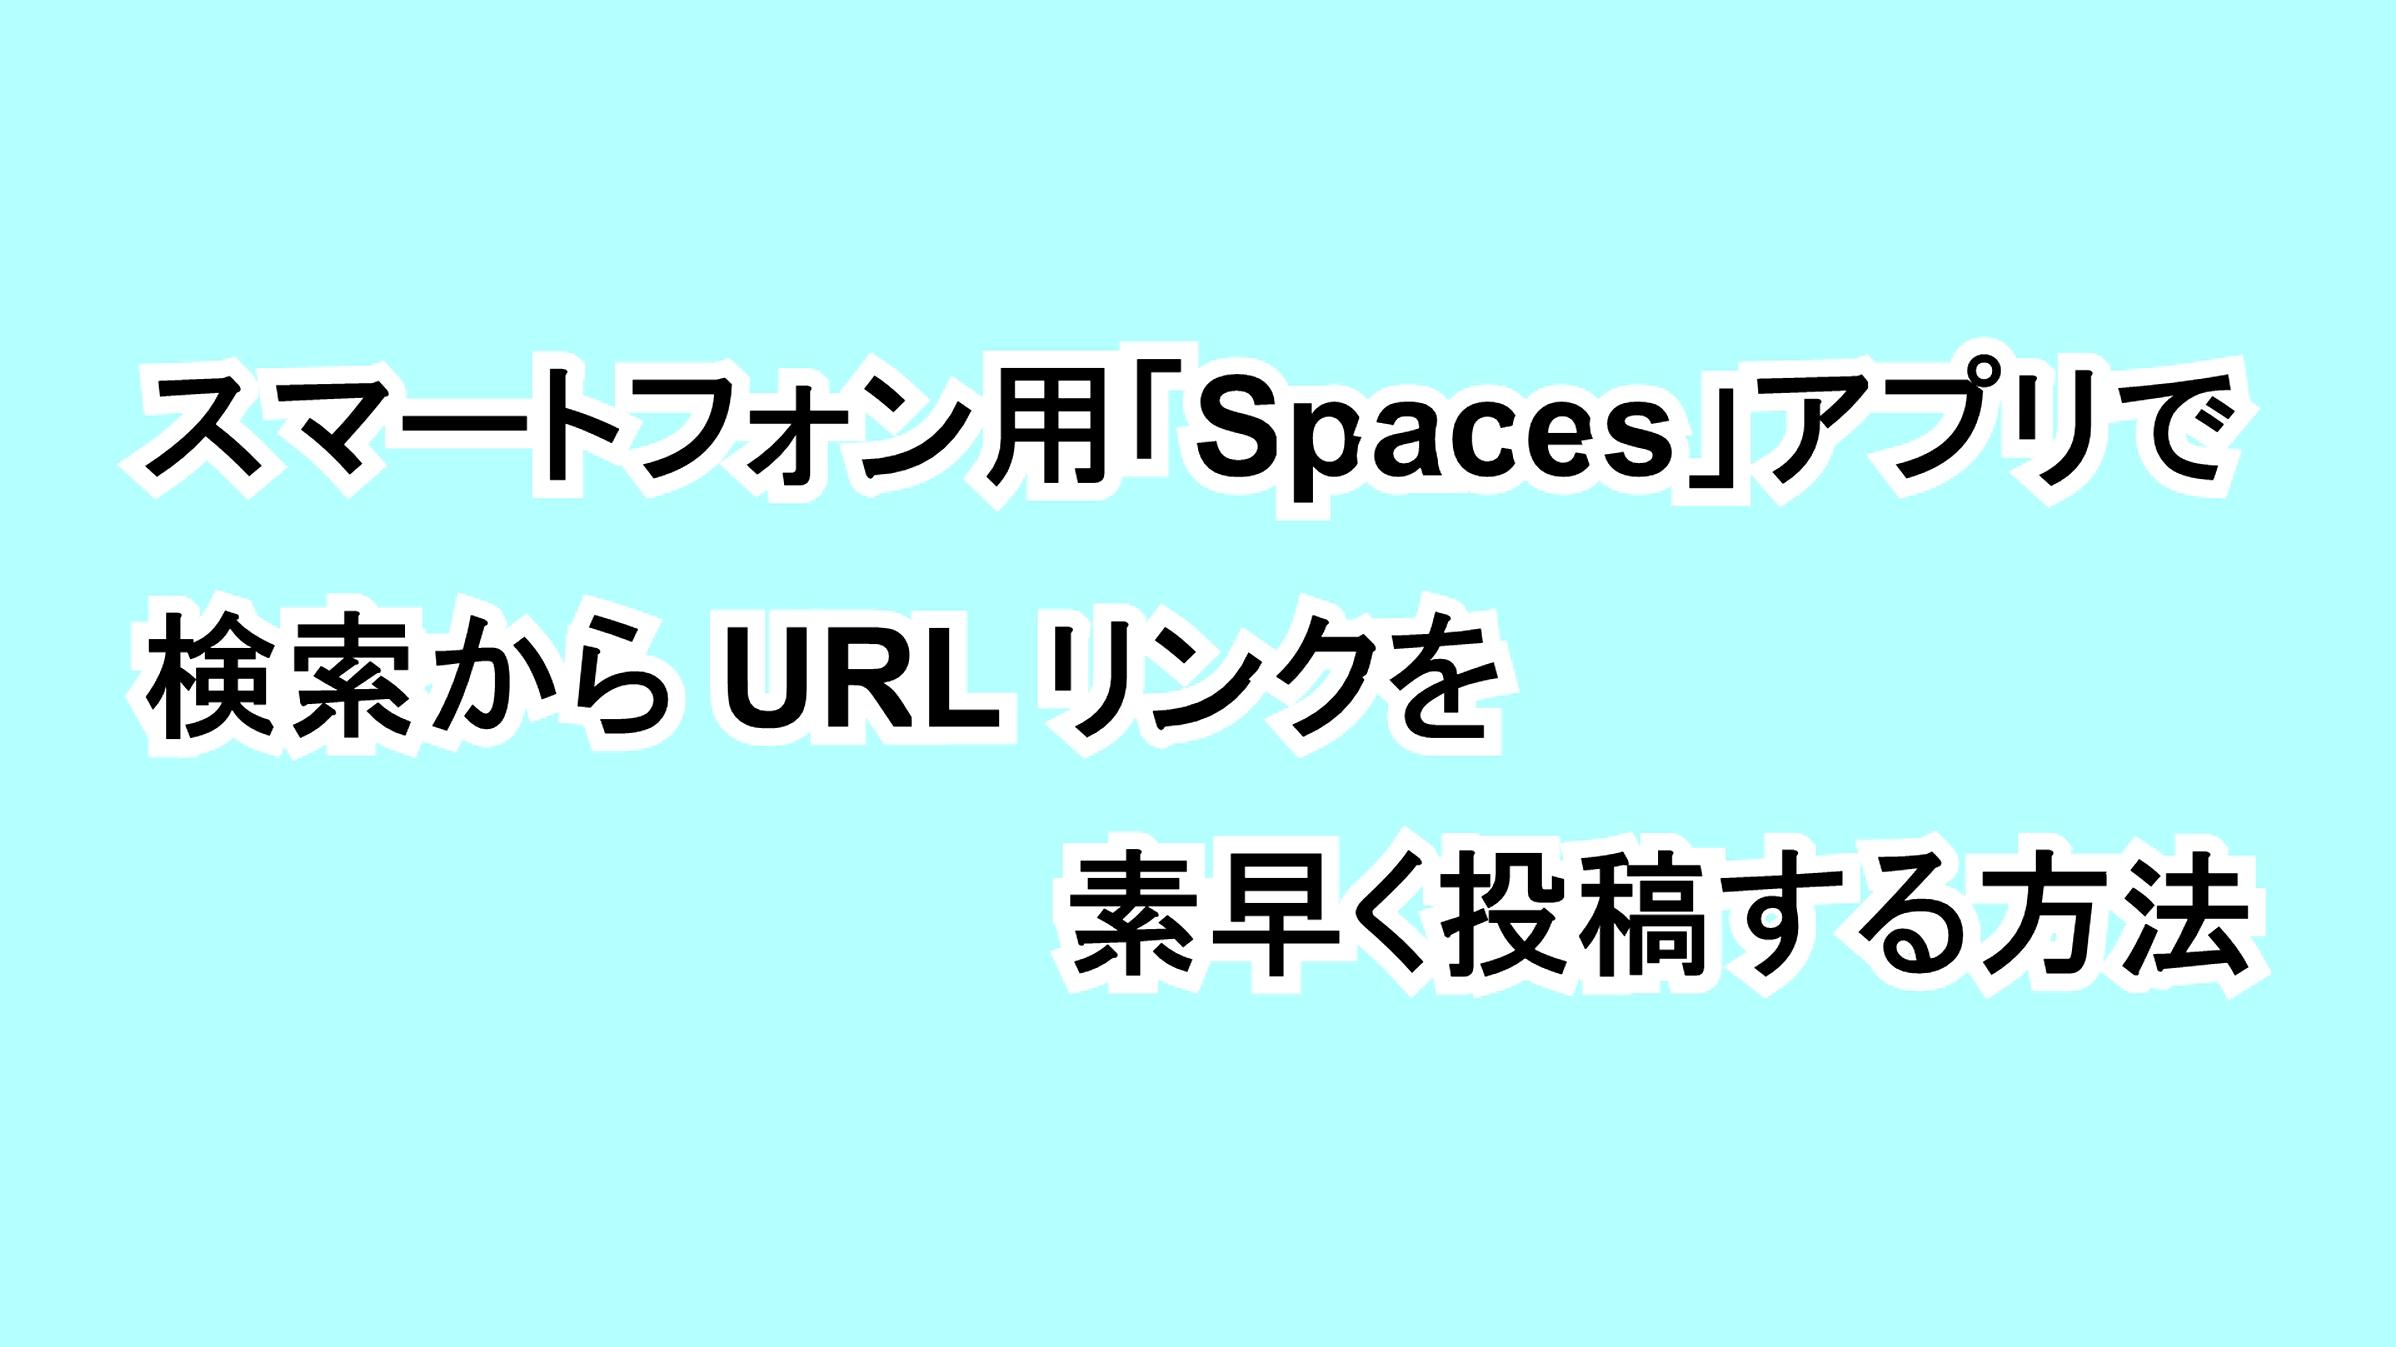 スマートフォン用「Spaces」アプリで検索からURLリンクを素早く投稿する方法